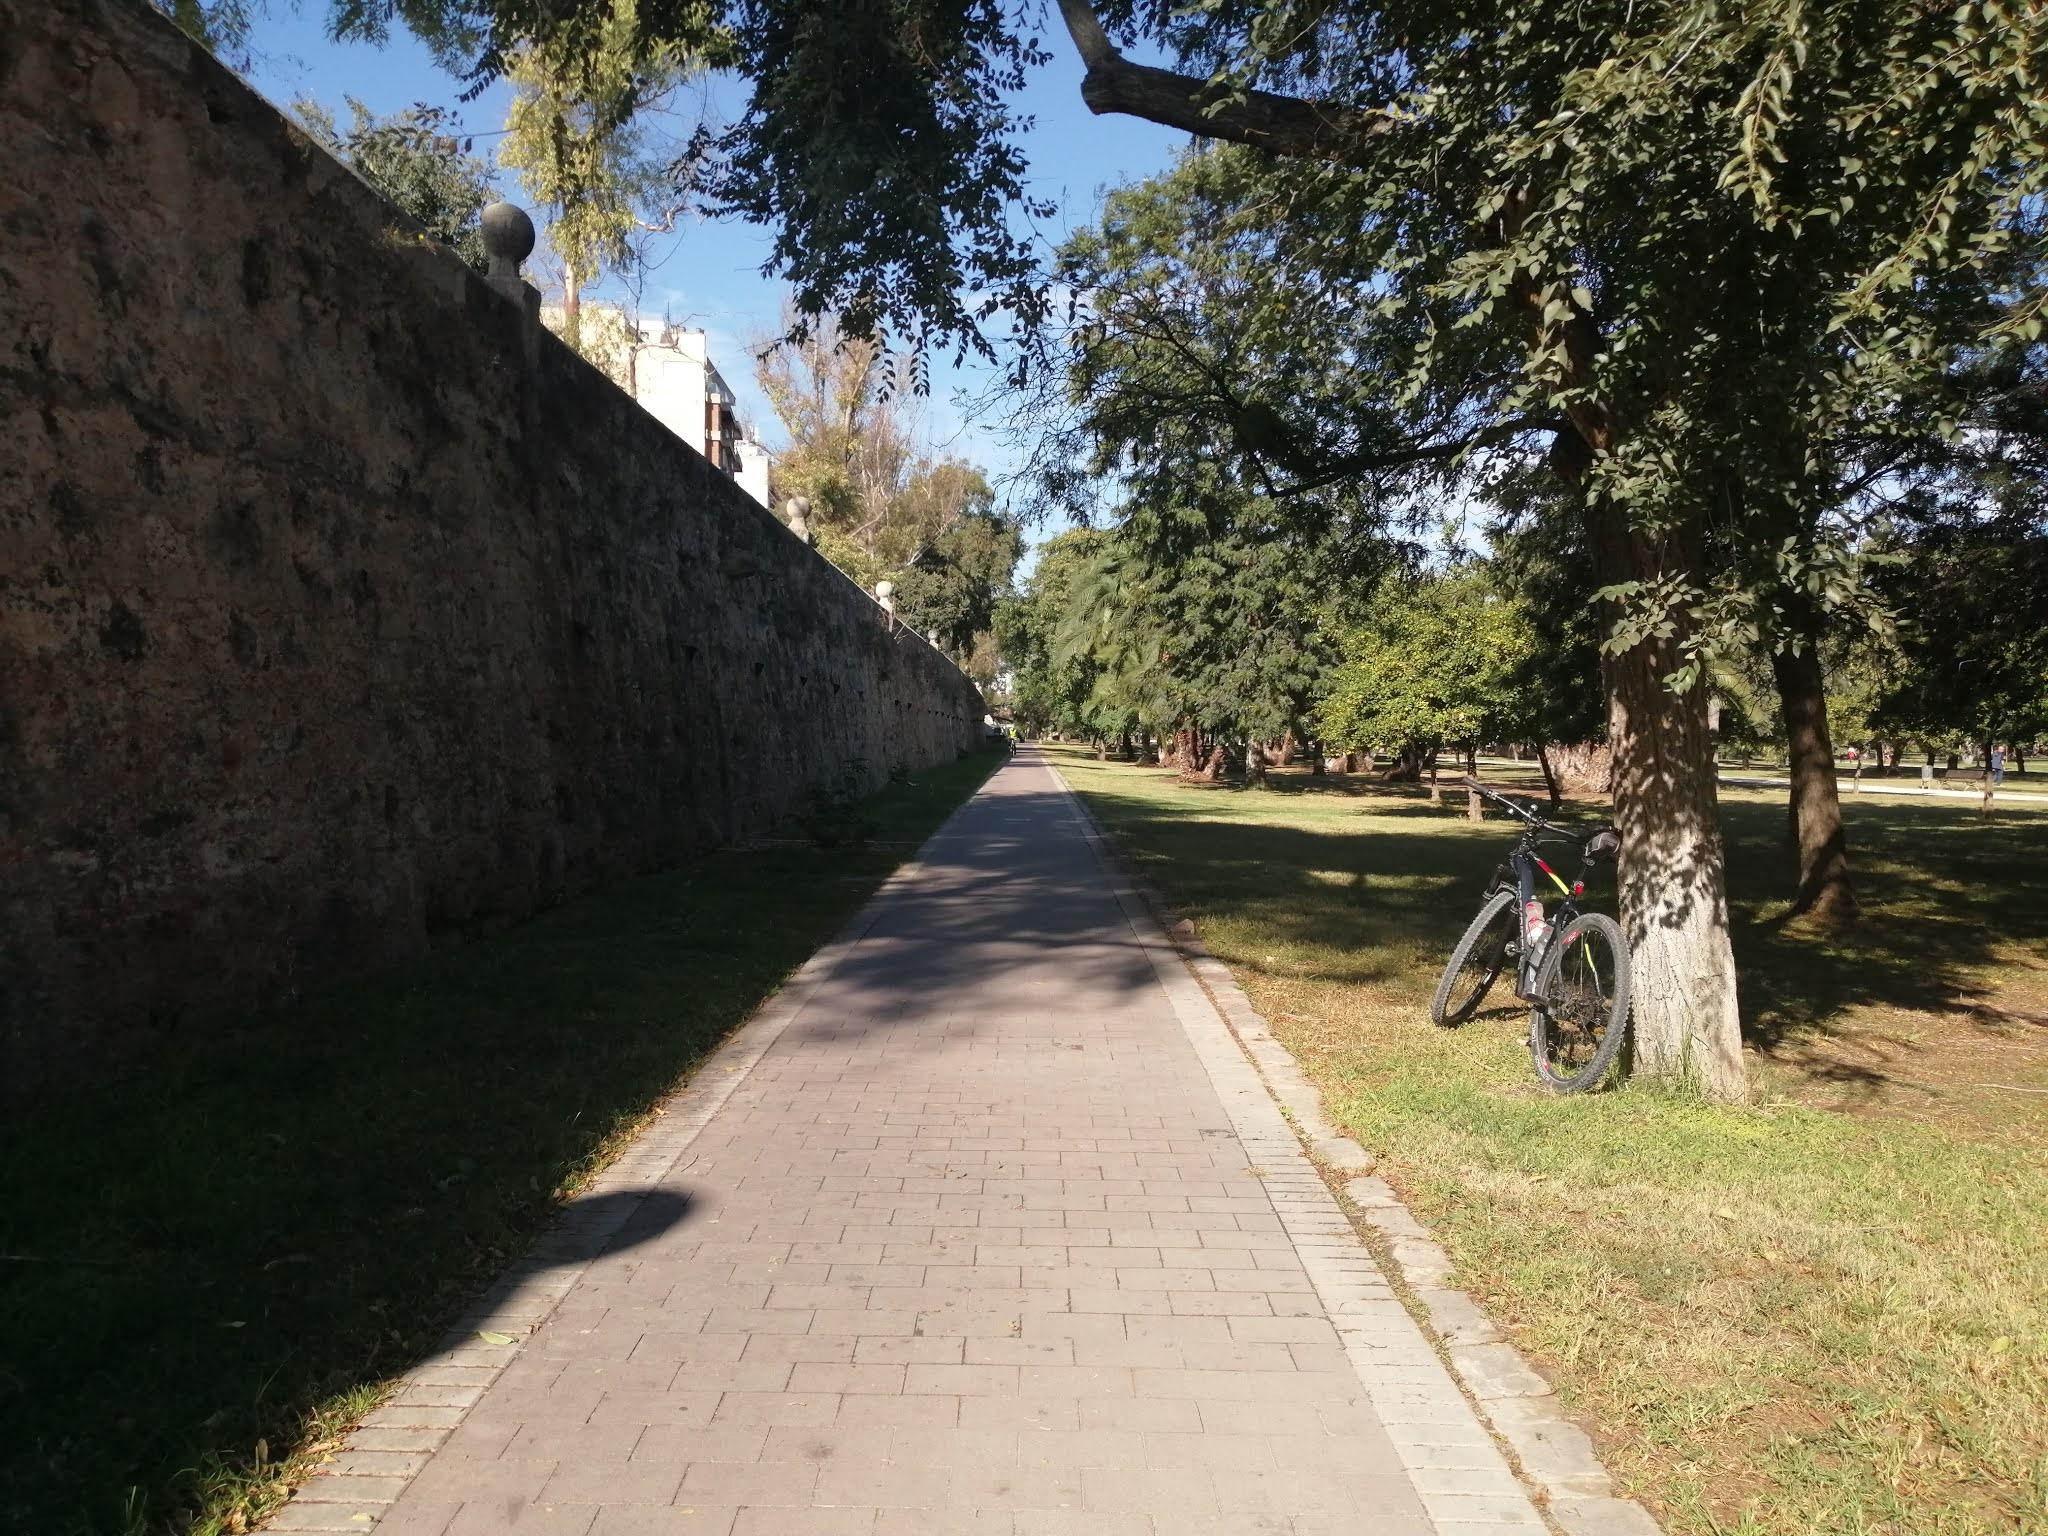 The River Turia Gardens in Valencia, Spain